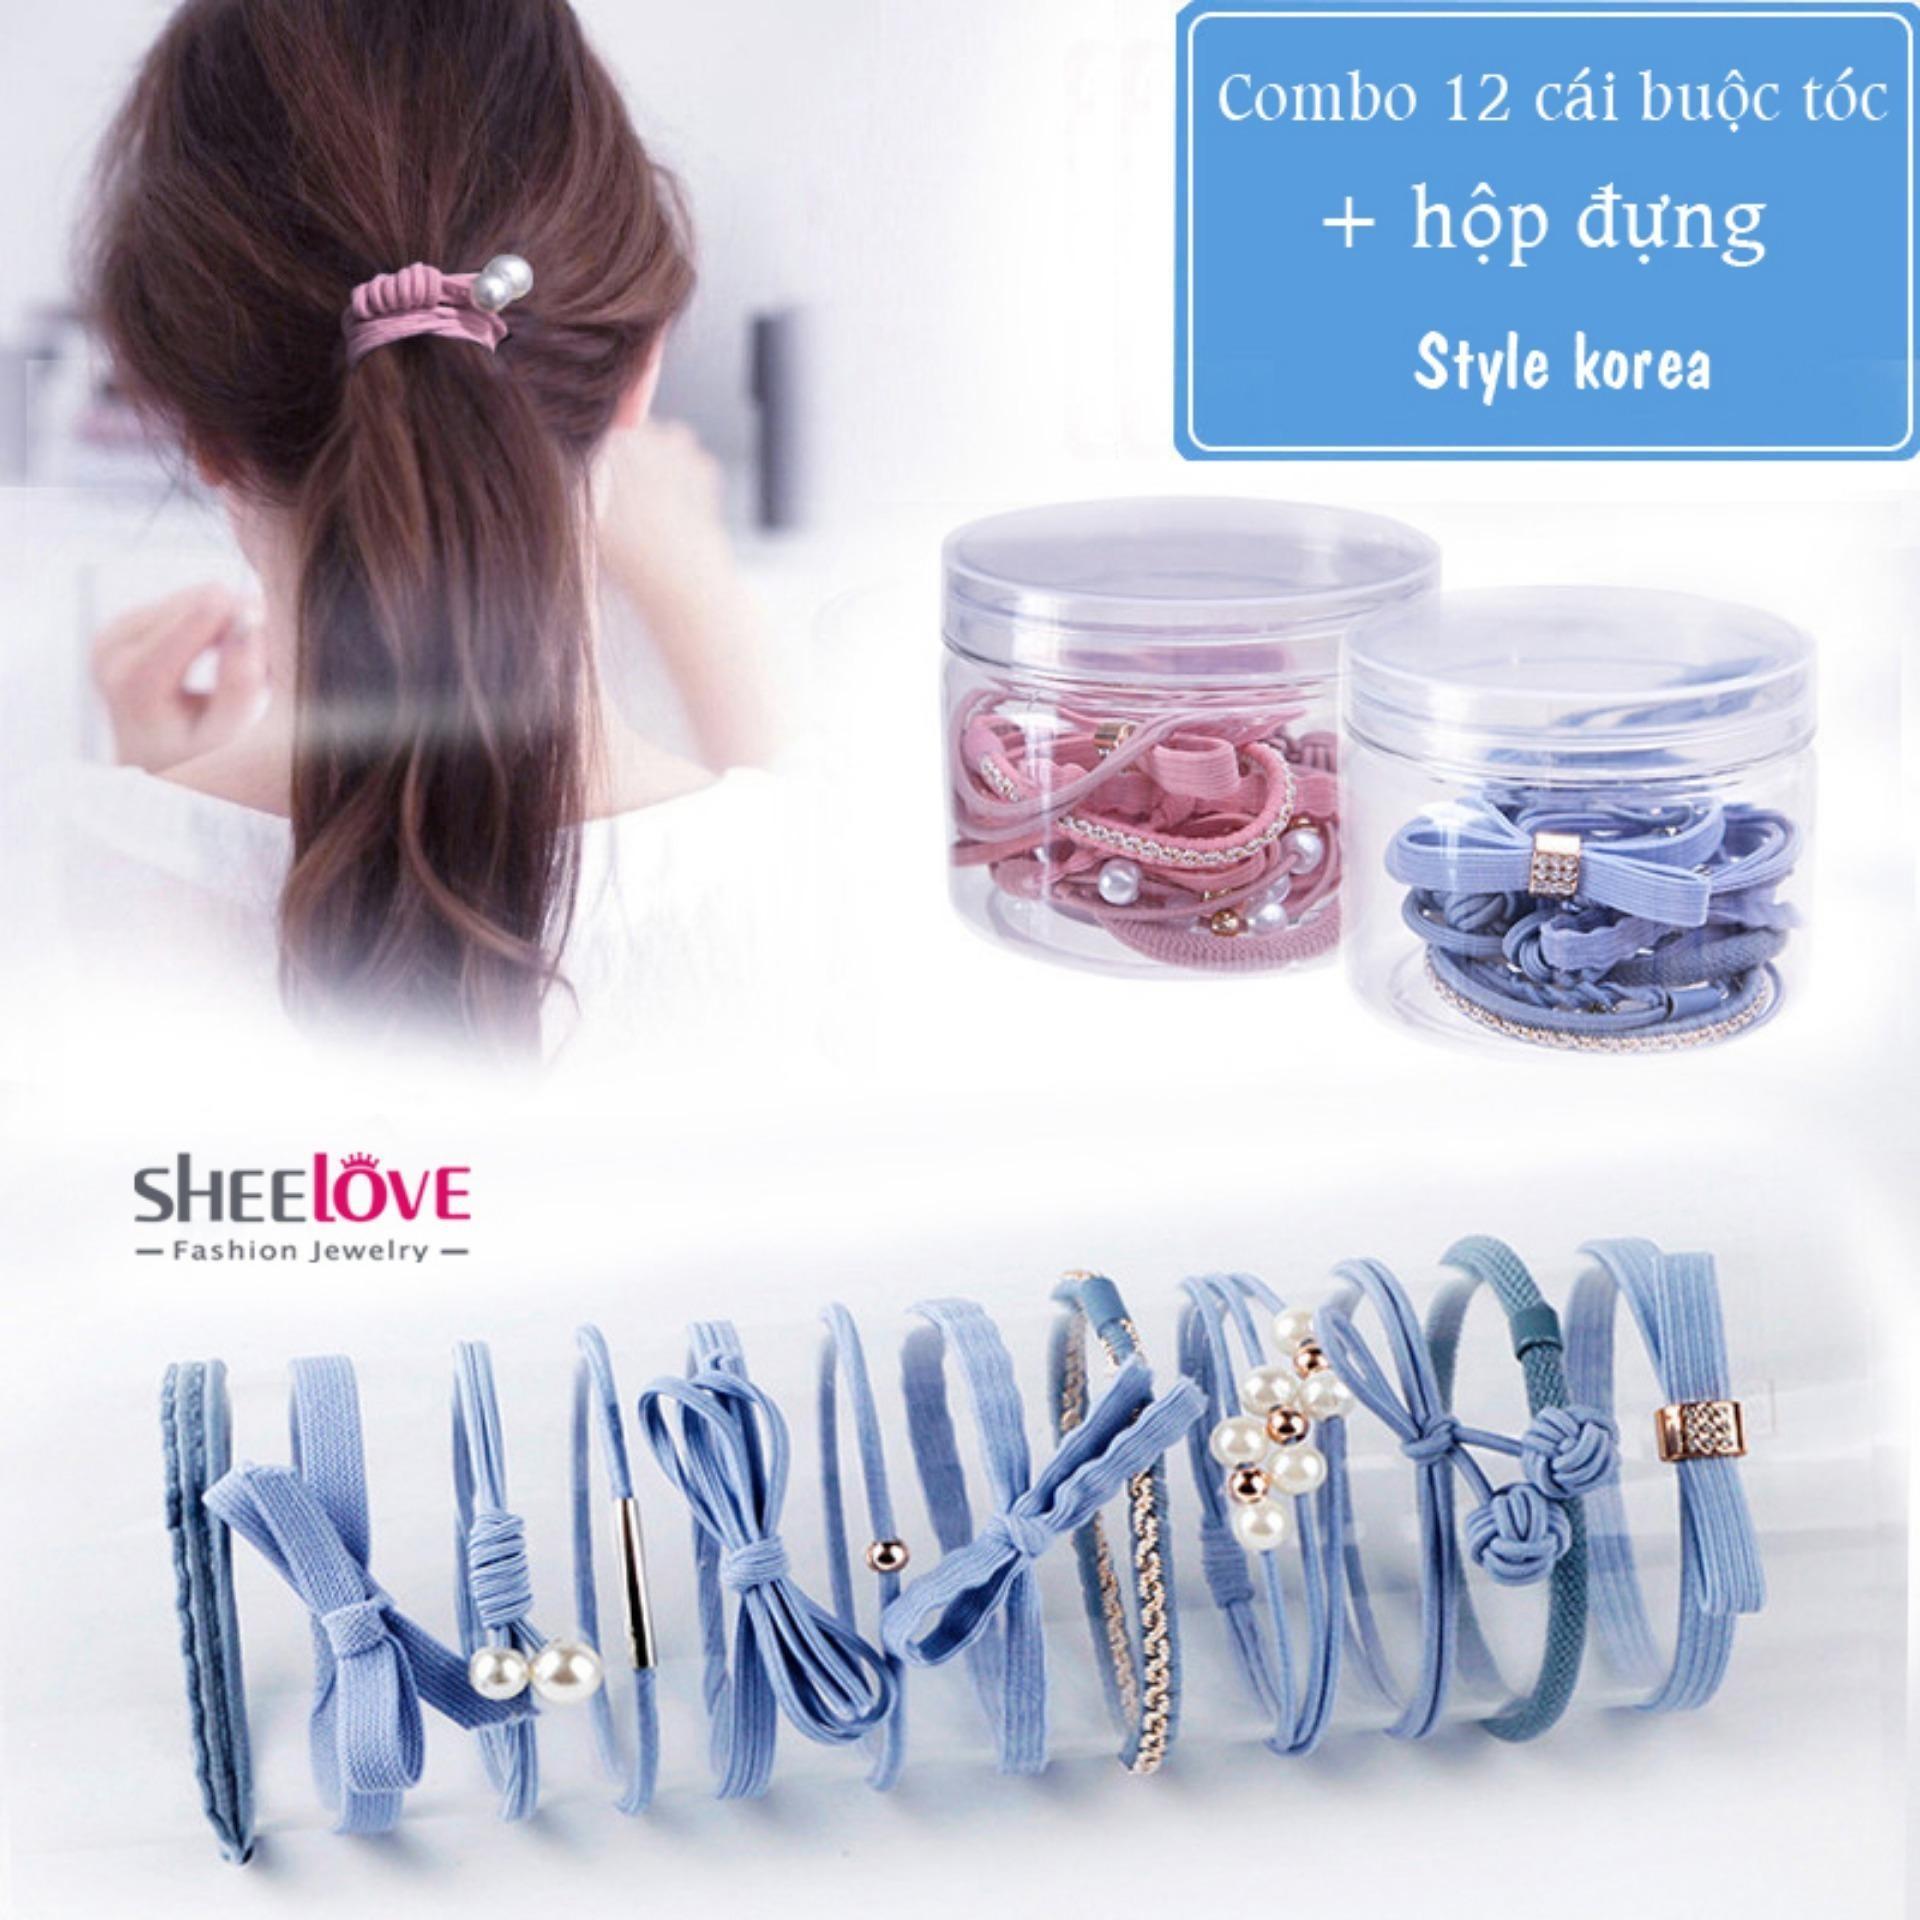 Combo 12 dây cột tóc Giá sỉ Thời trang Hàn Quốc nơ ngọc trai hoa lá dễ thương Siêu rẻ xinh xắn Chất lượng cao cấp